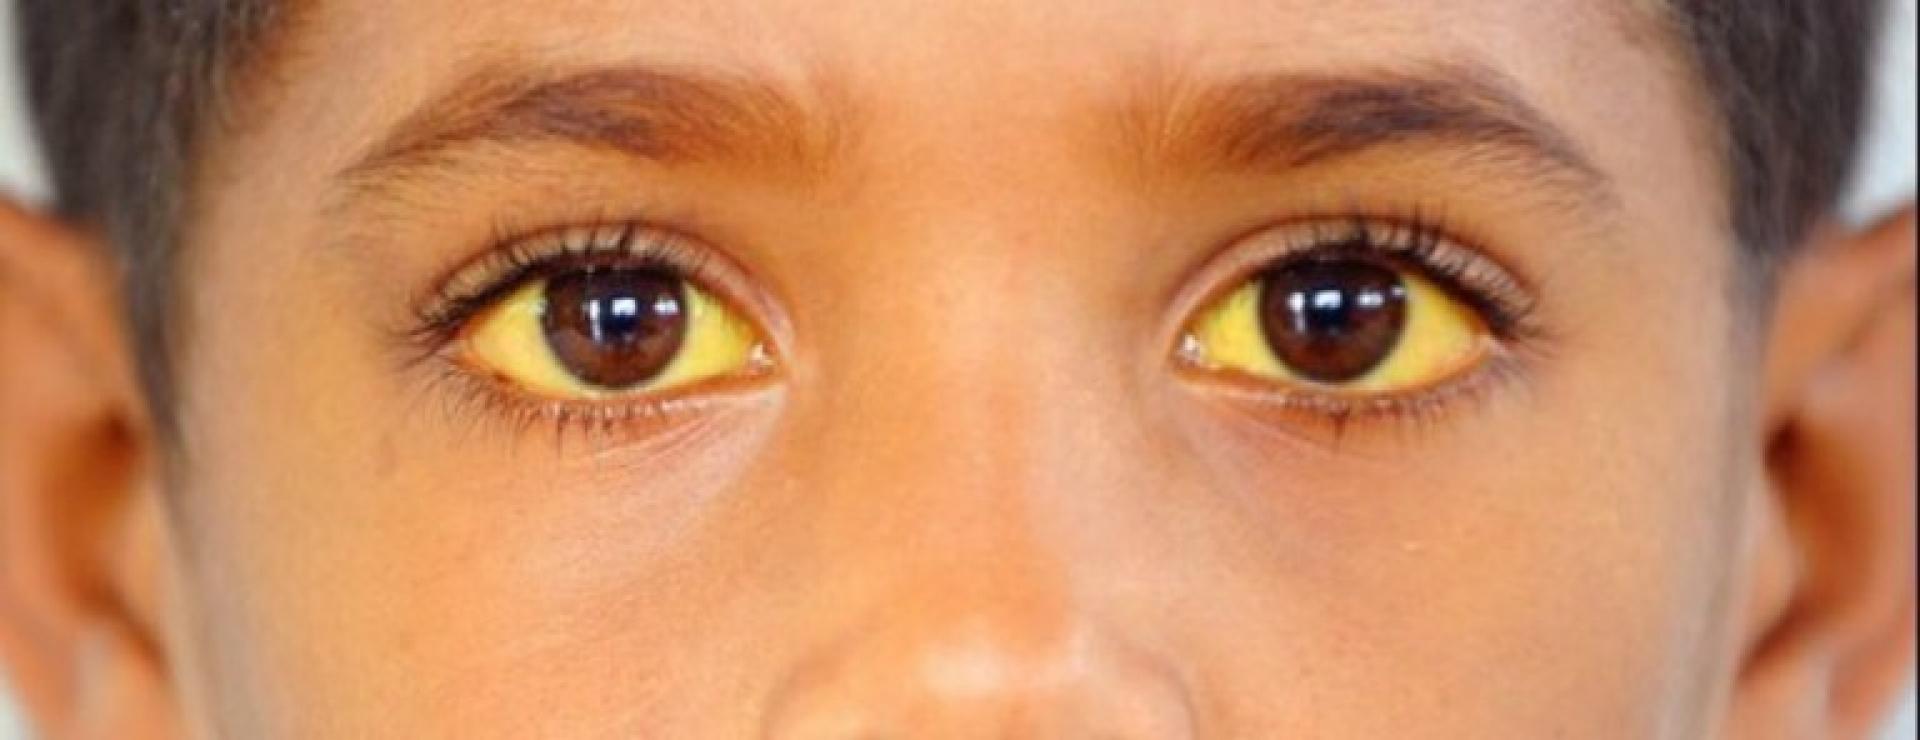 Комплексное обследование с целью исключения Синдрома Жильбера